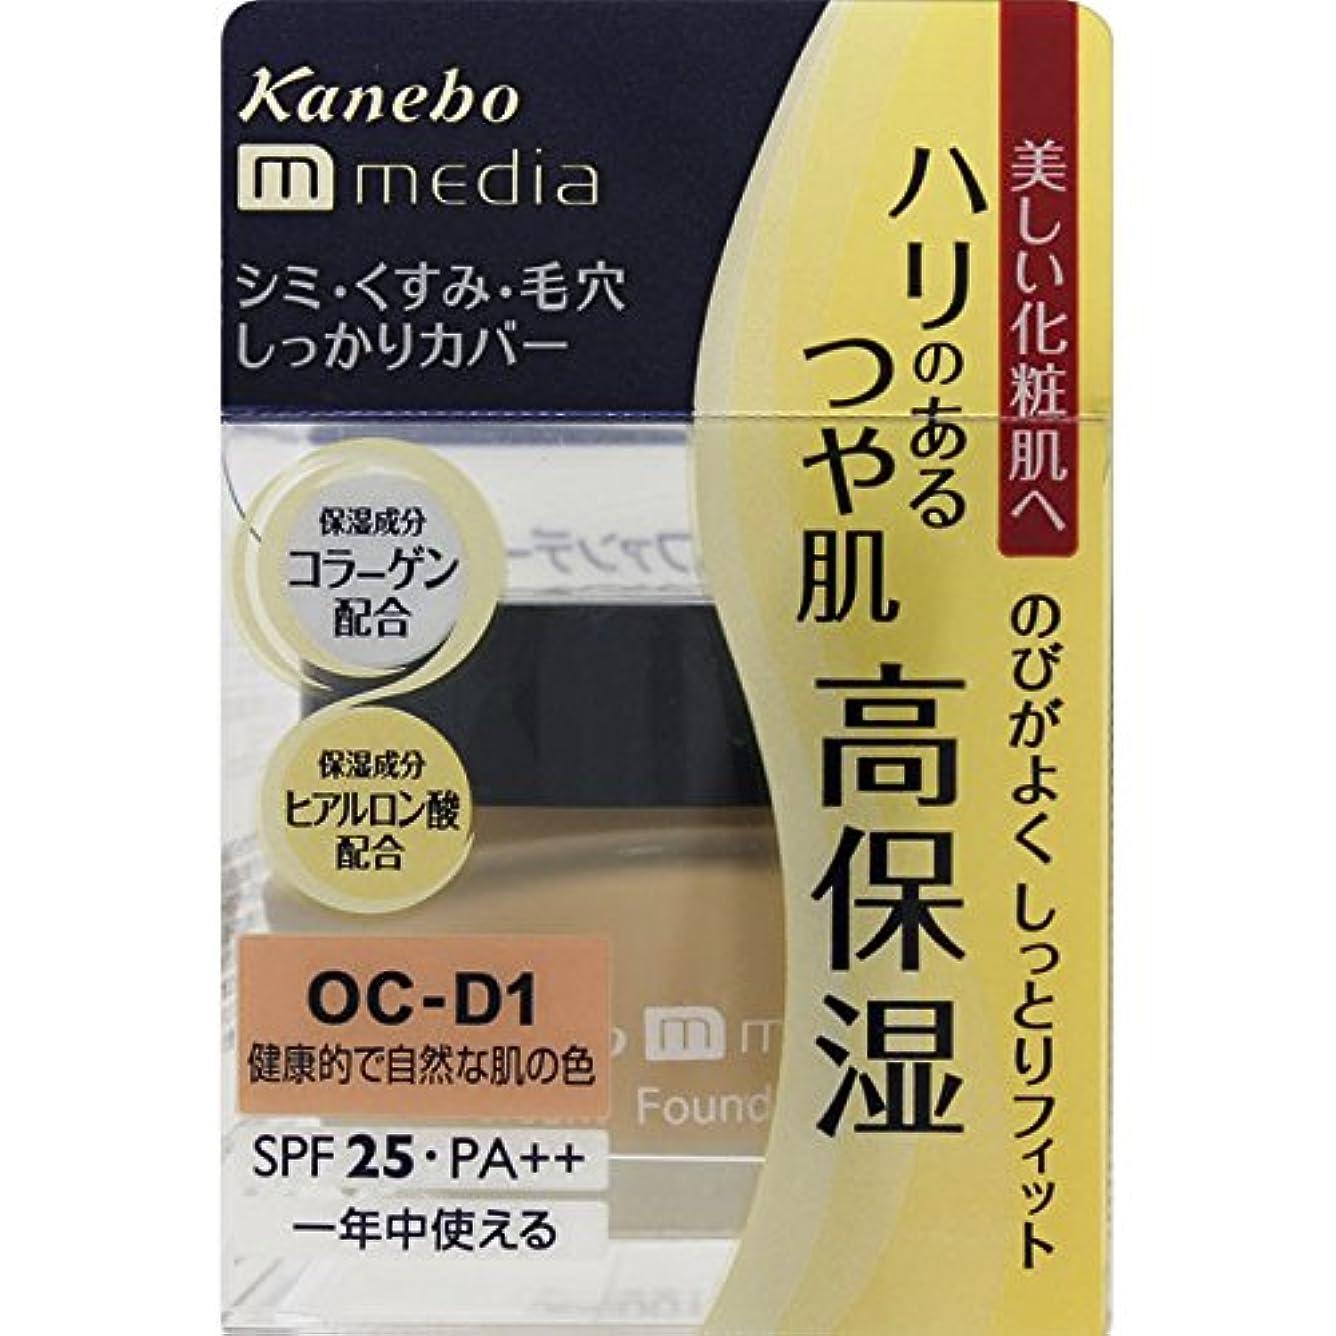 マンモスボリューム取り組むカネボウ化粧品 メディア クリームファンデーション 健康的で自然な肌の色 OC-D1